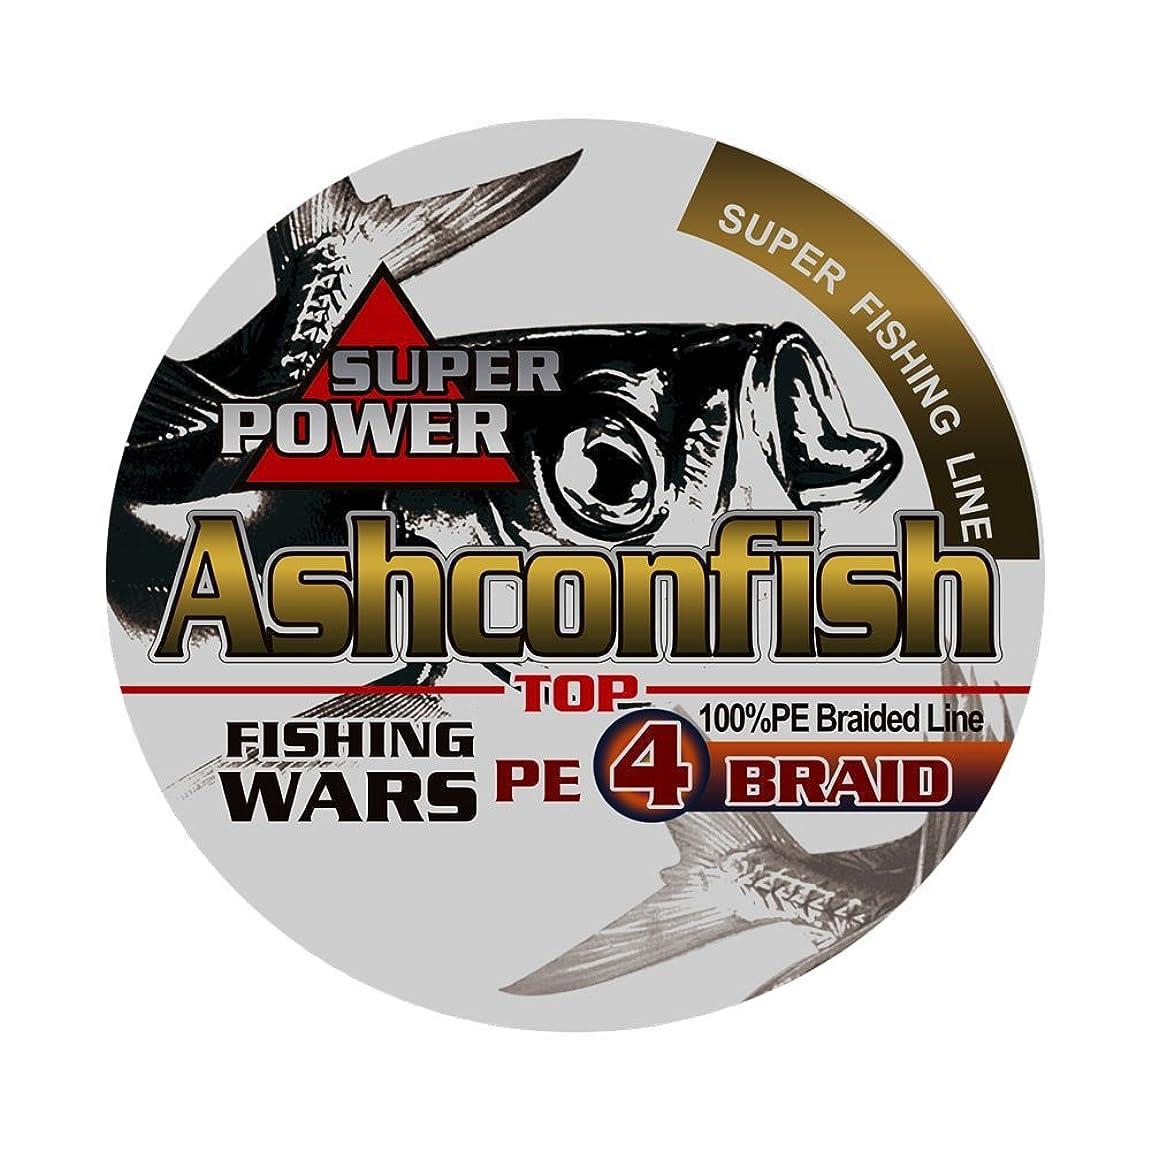 影響力のあるギャングスター引数Ashconfish PEライン 4編 釣り糸 (0.4号 0.6号 0.8号 1号 1.2号 1.5号 2号 2.5号 3号 3.5号 4号 5号 6号 7号 8号 9号 10号) (150m 200m 300m 500m 1000m) X4 超強力 高感度 耐磨耗 低伸度 釣りライン 釣糸